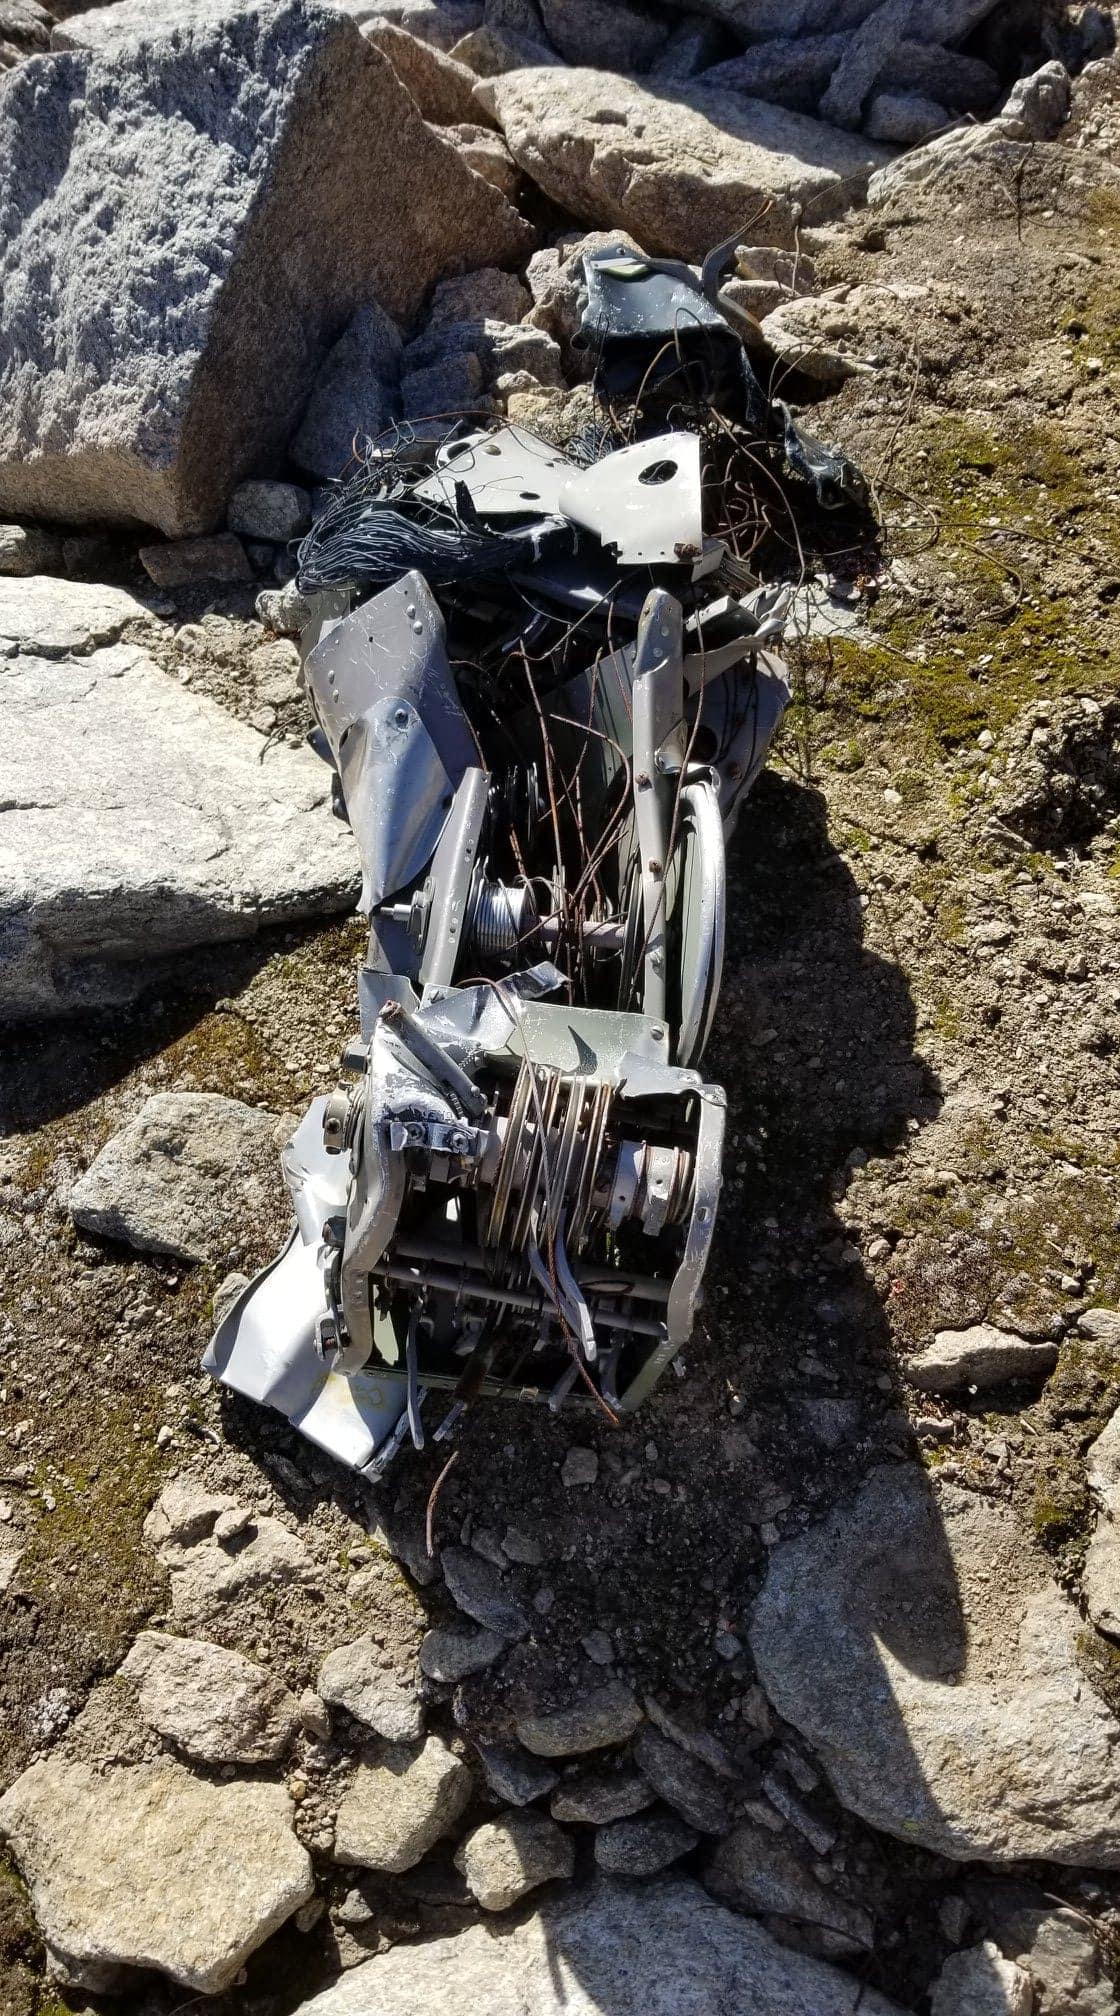 Scharazad Wreckage